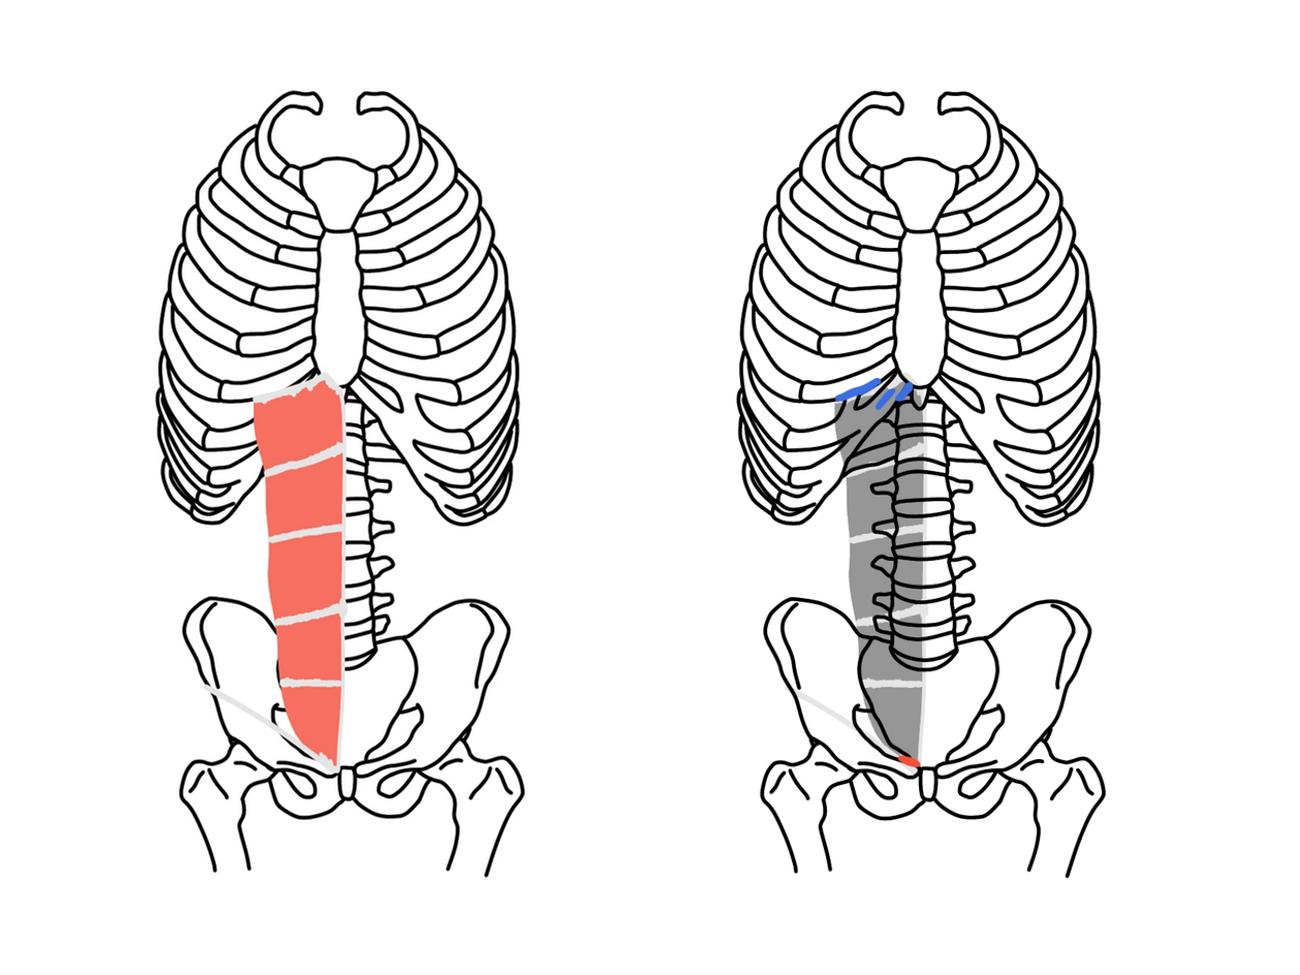 骨盤帯・肩甲帯・体幹の機能解剖学